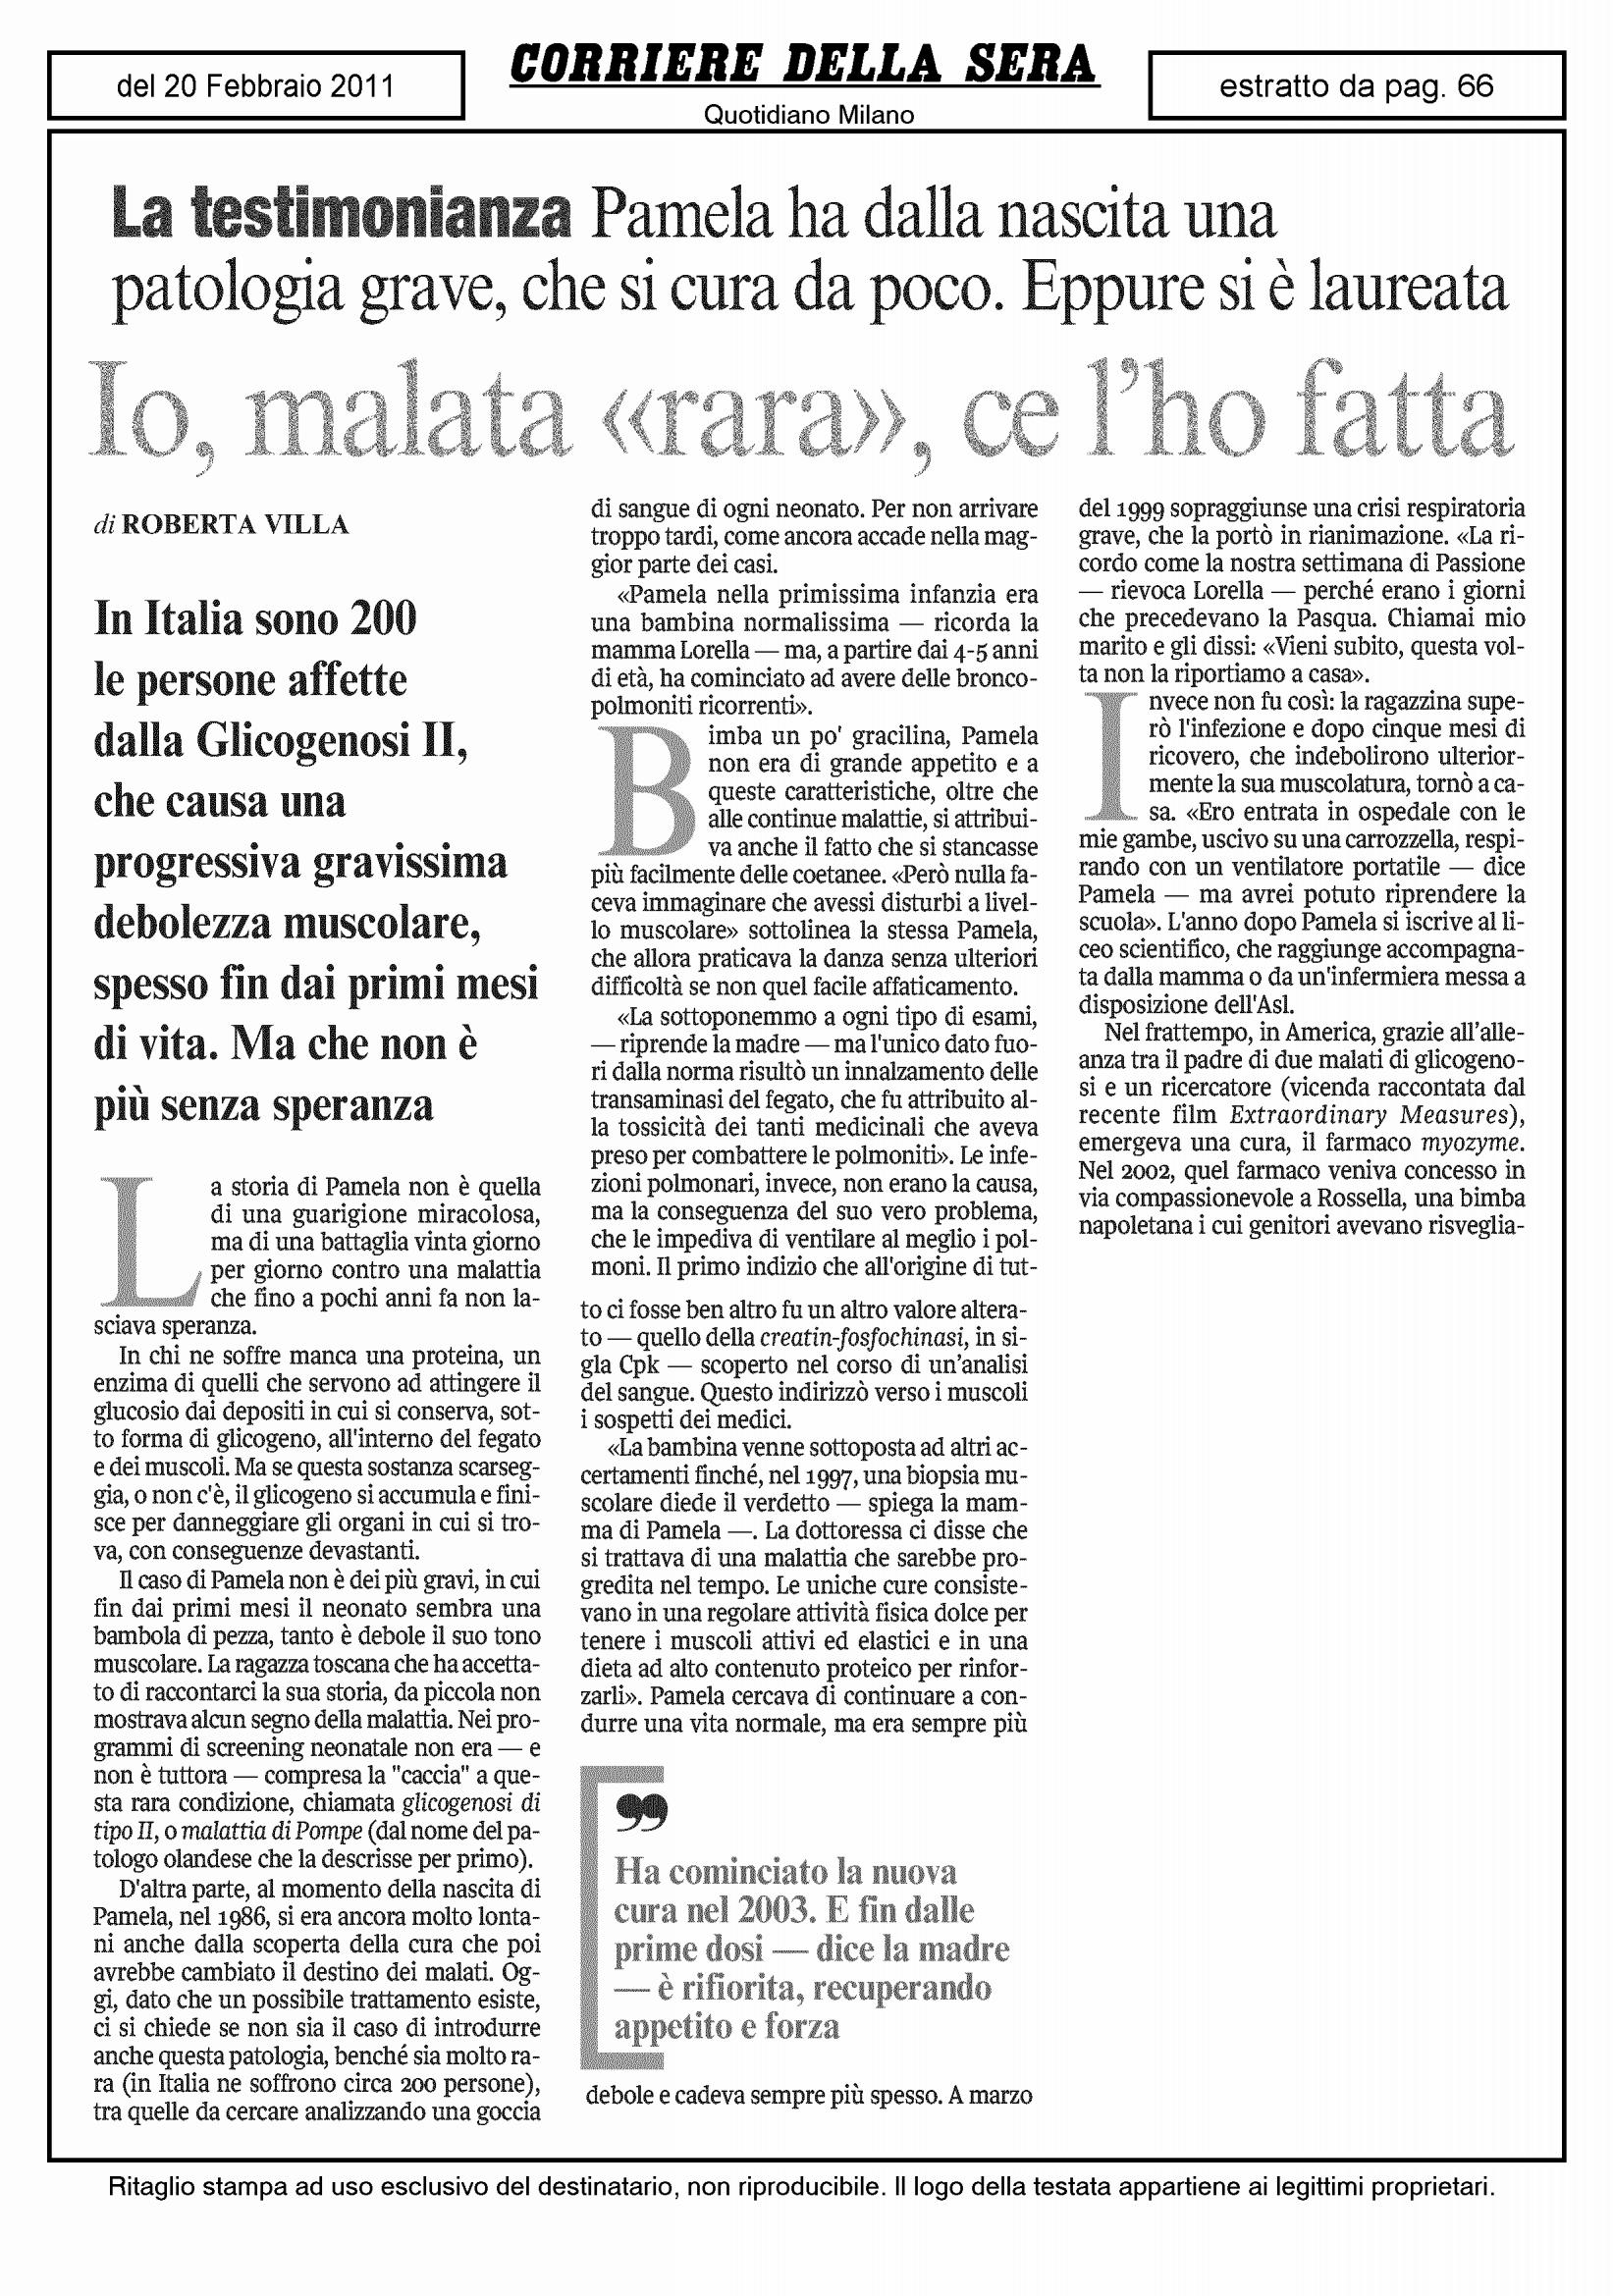 Stampa_20110220_Corriere_della Sera_Page_1